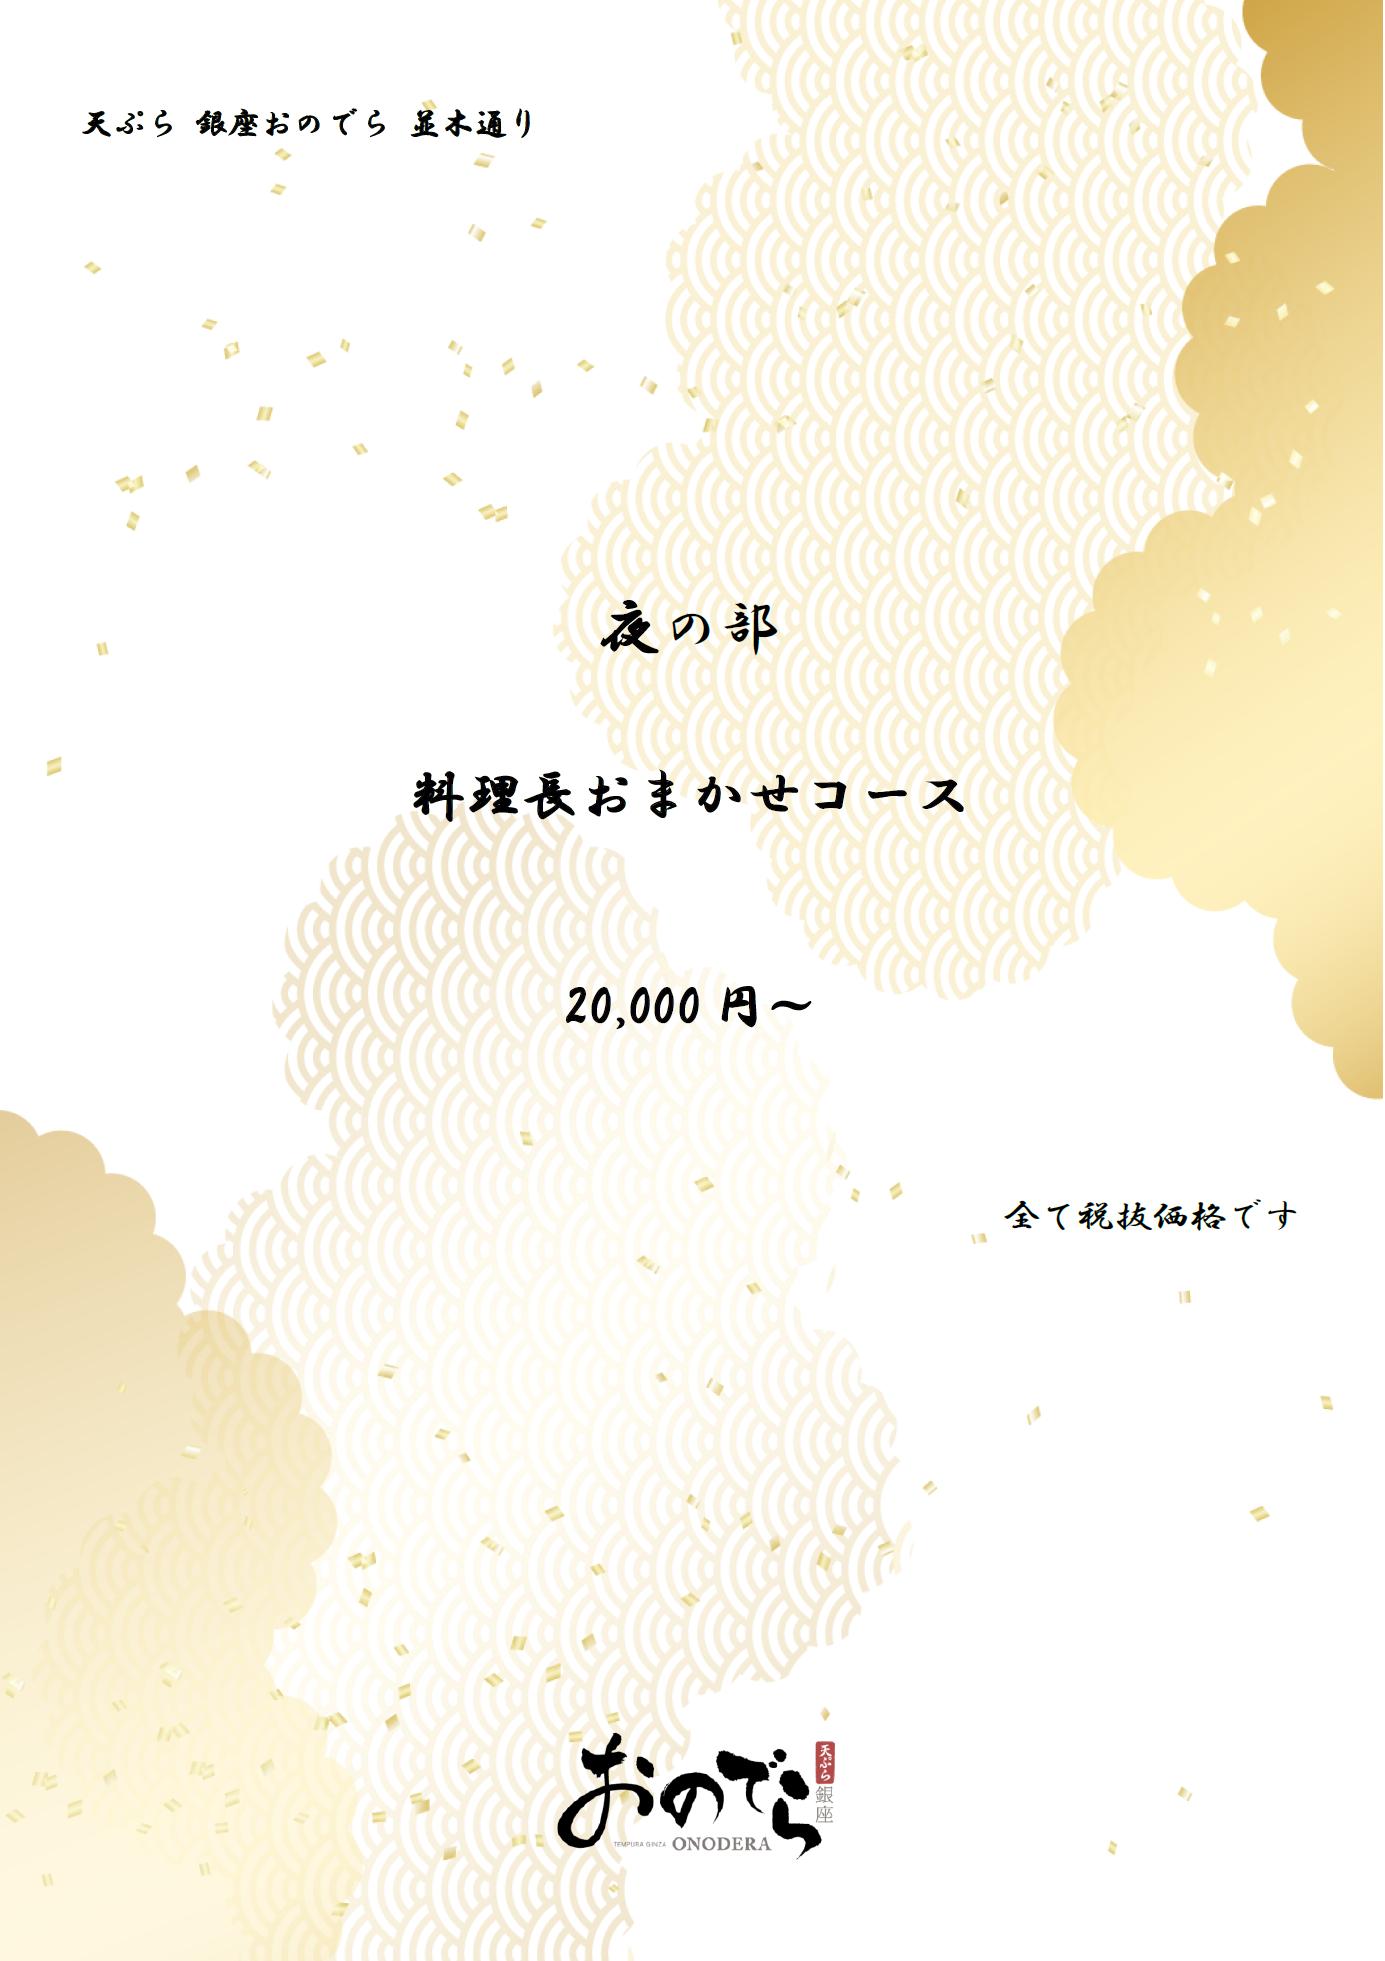 天ぷら [銀座店] ディナーメニュー3